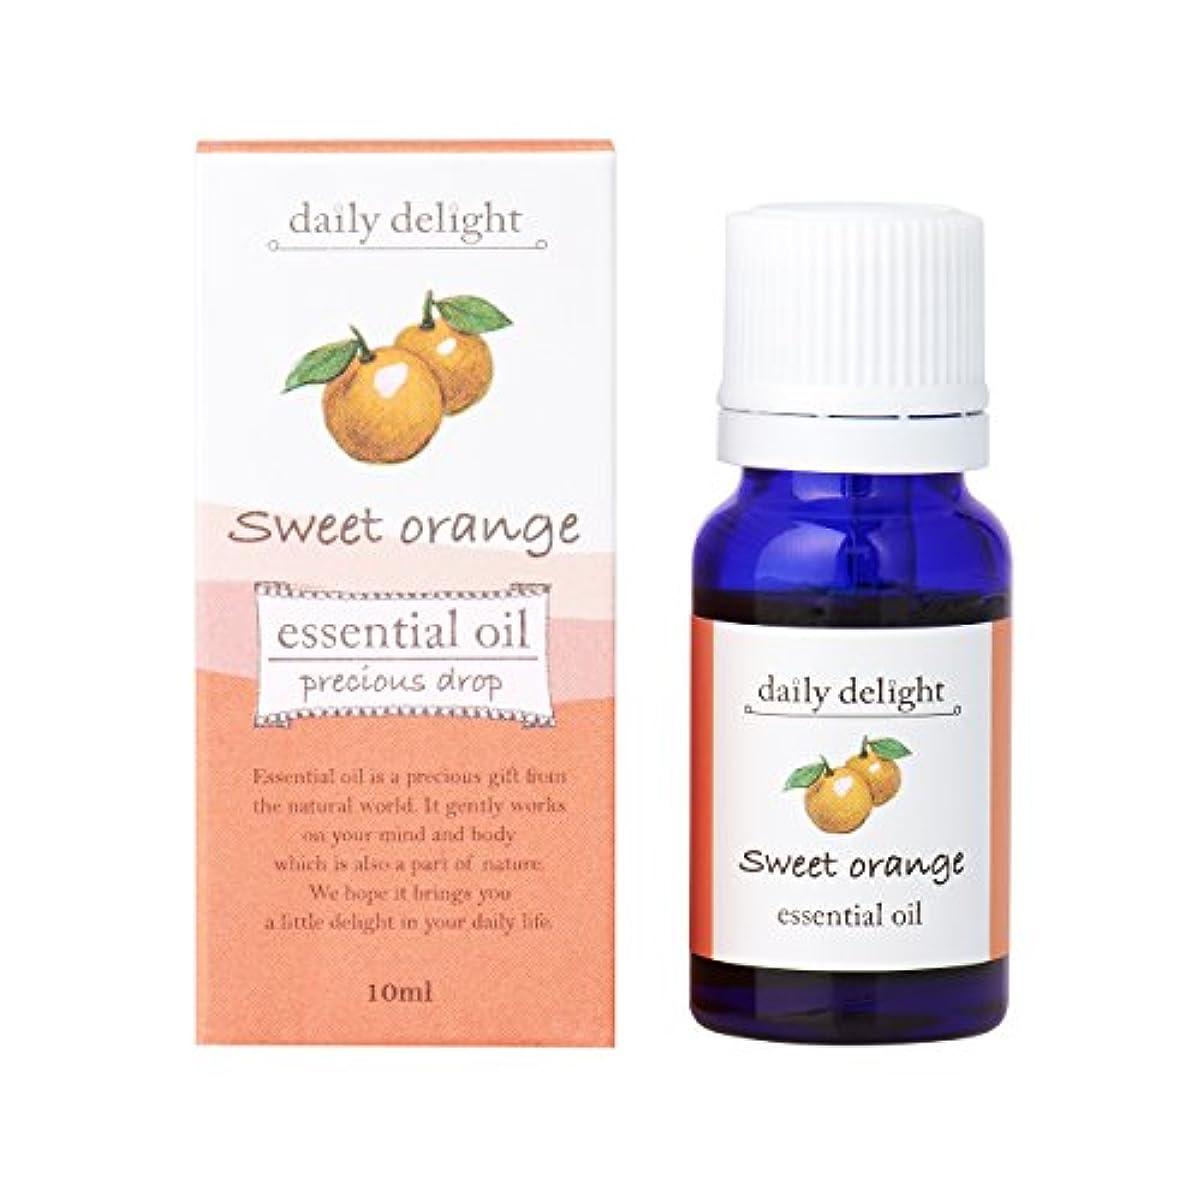 ジュニアボトル不利益デイリーディライト エッセンシャルオイル  スイートオレンジ 10ml(天然100% 精油 アロマ 柑橘系 フルーティで甘く爽やかな香り)